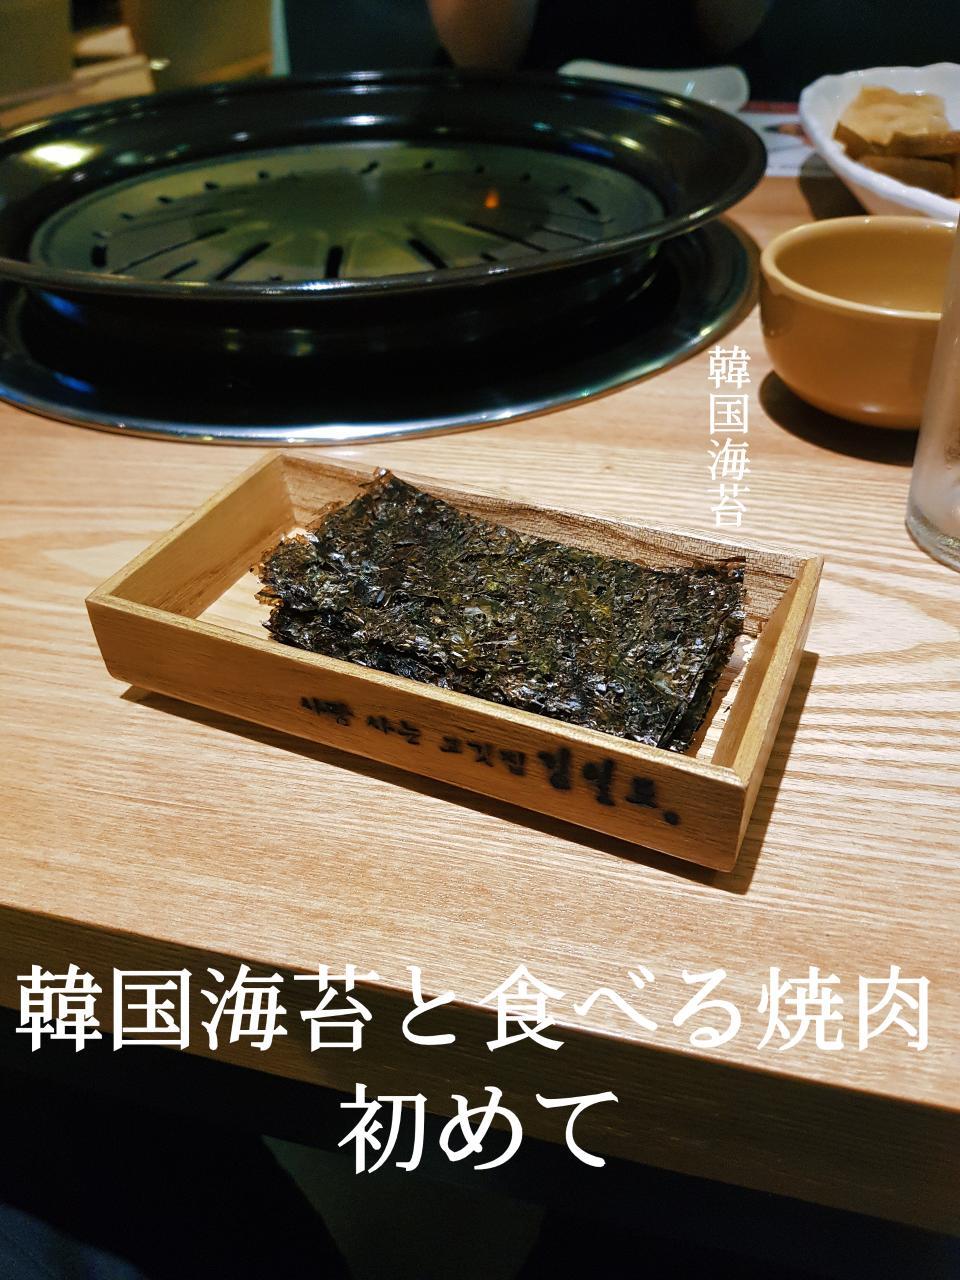 シンガポール韓国BBQ 麻薬ソース 韓国海苔